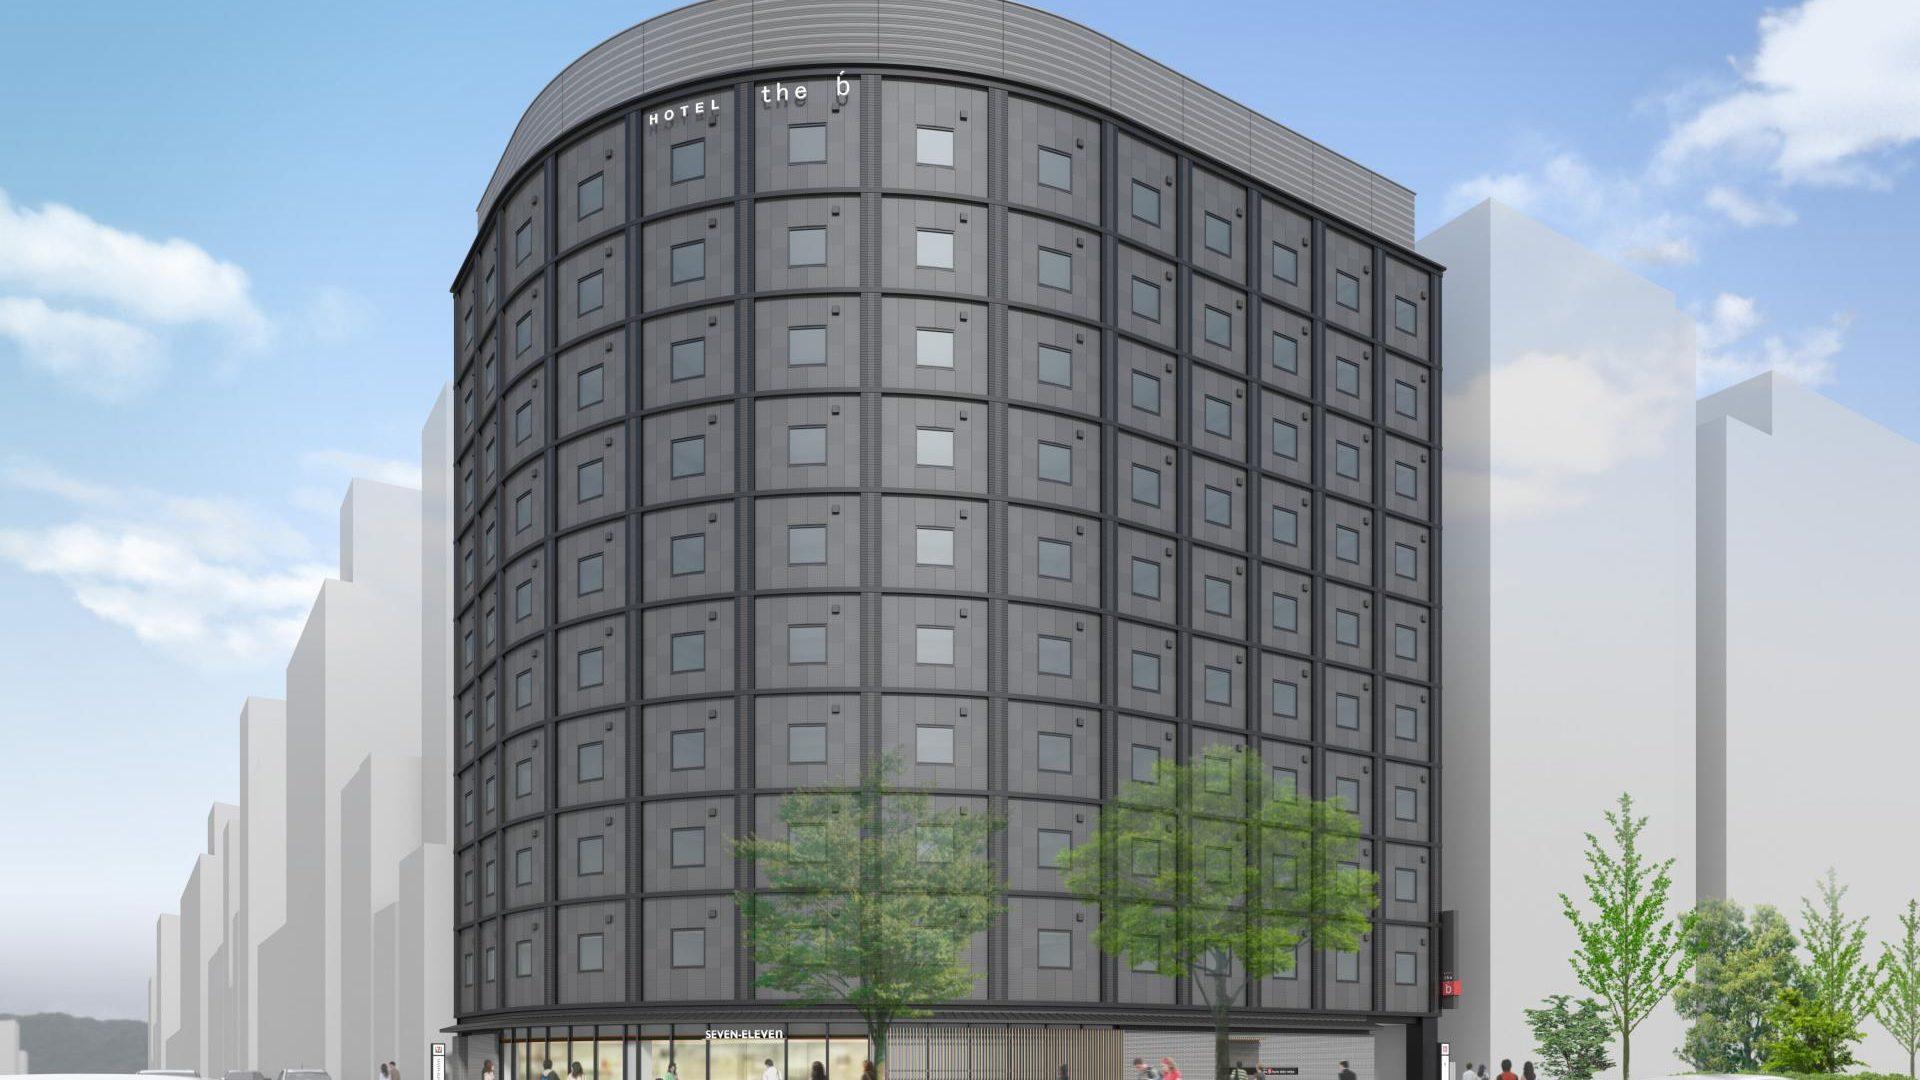 続報:新ホテル、次々と。